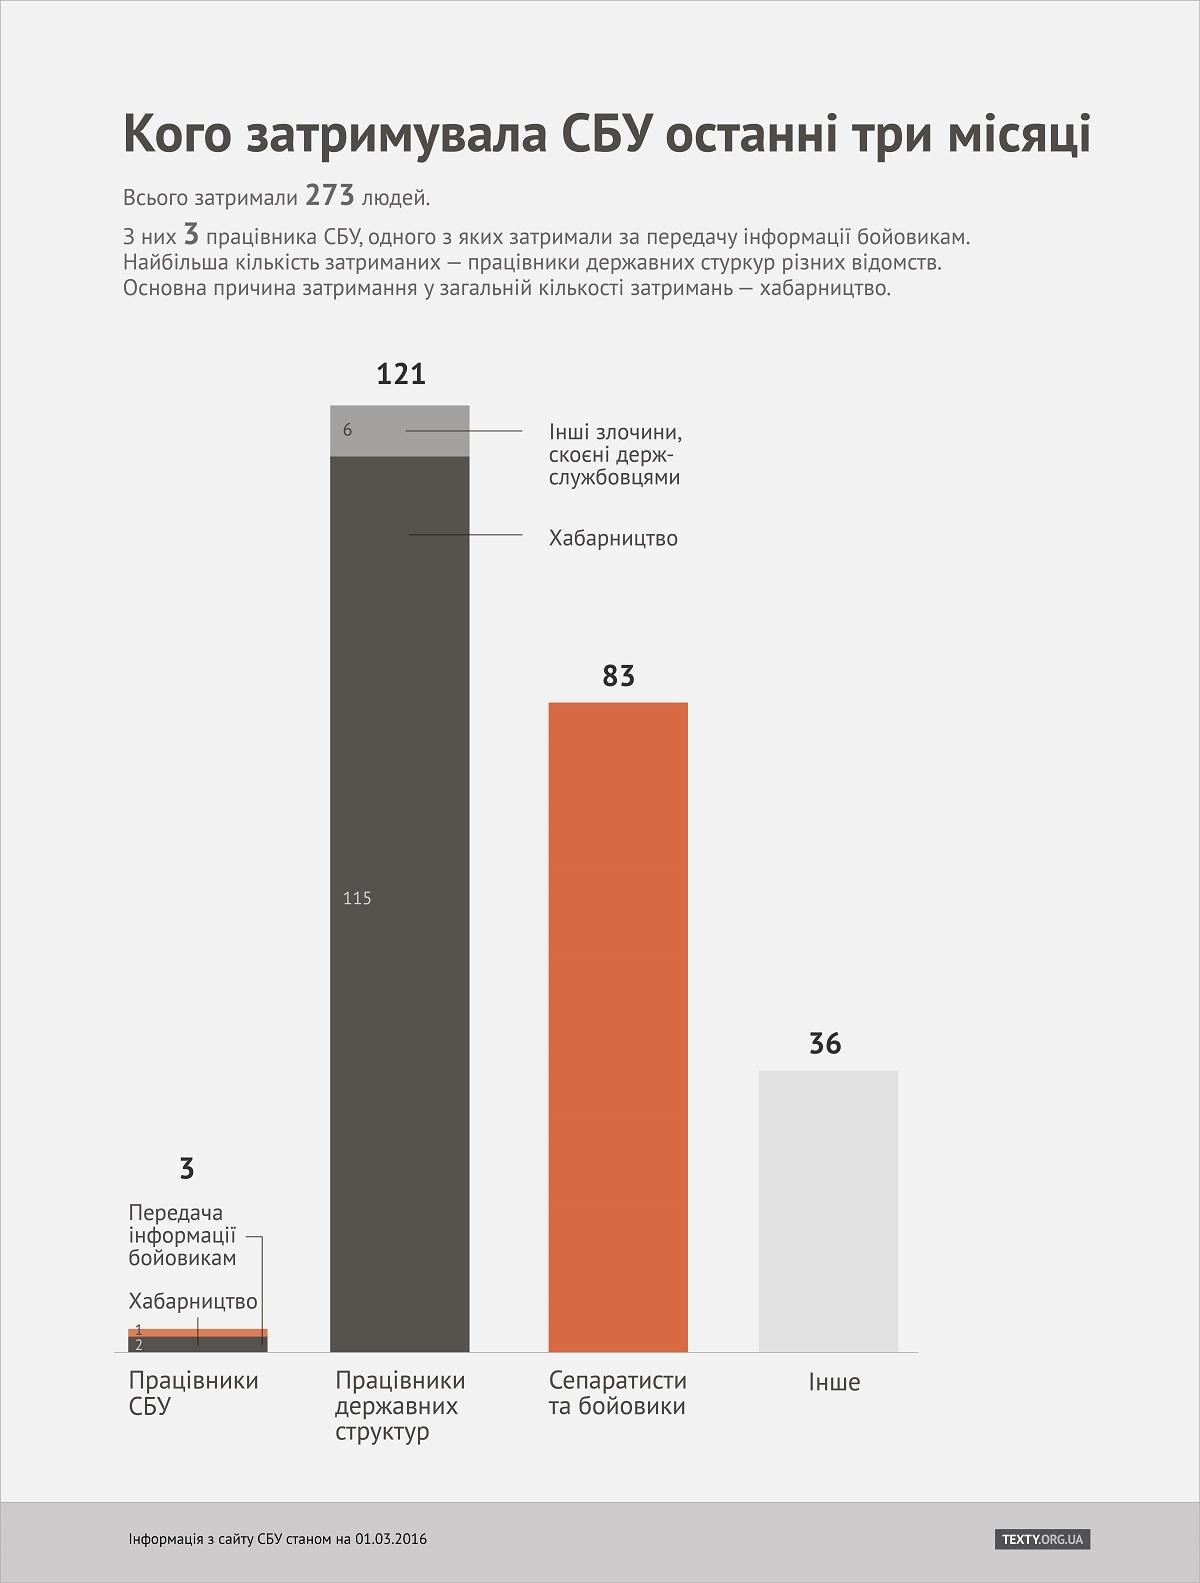 ГПУ, СБУ и Омбудсмен не ведут учет задержанных участников АТО, - Мосийчук - Цензор.НЕТ 8484